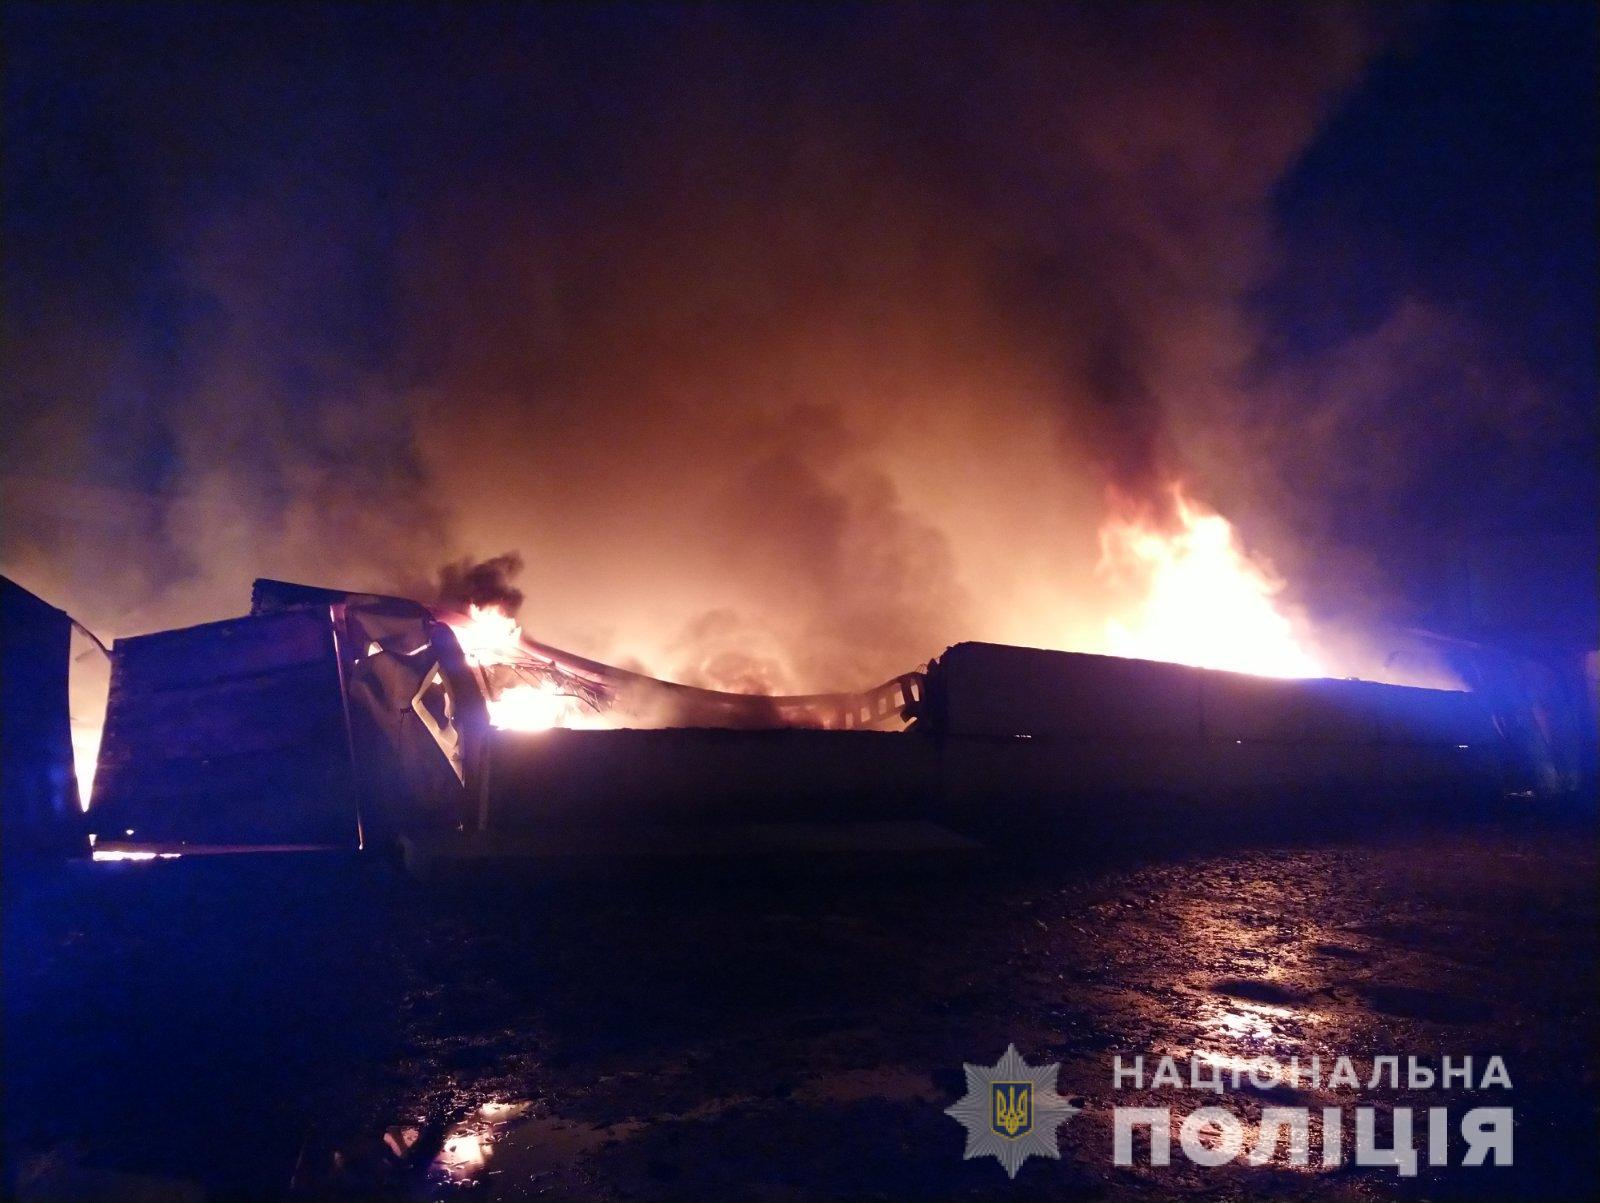 Резонансные пожары в Харькове: полиция открыла уголовные дела